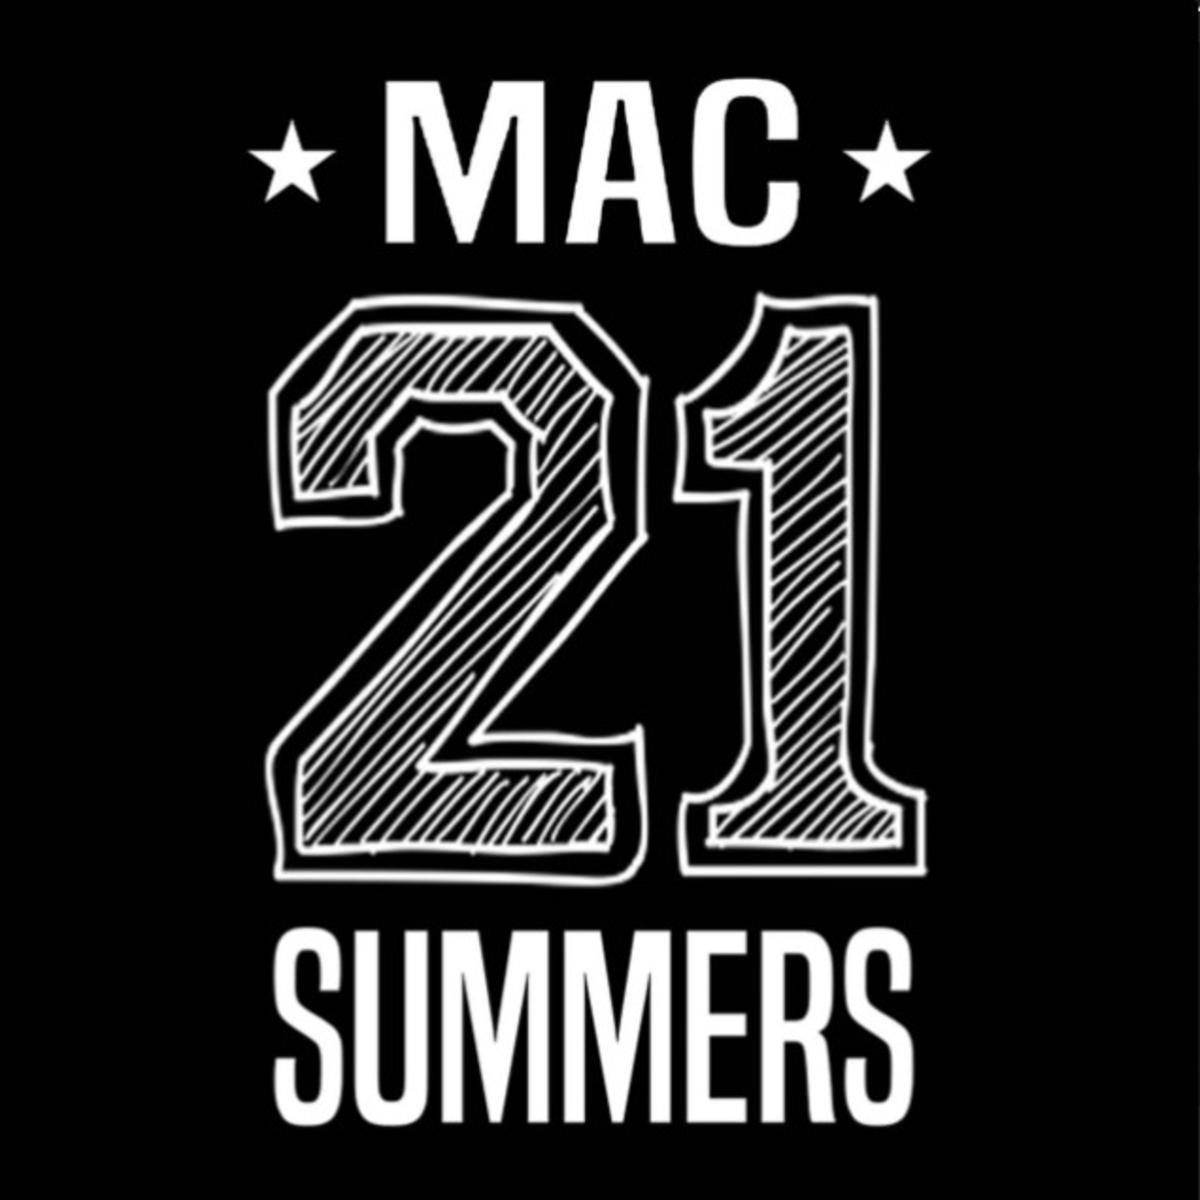 Mac (No Limit) - 21 Summers p3